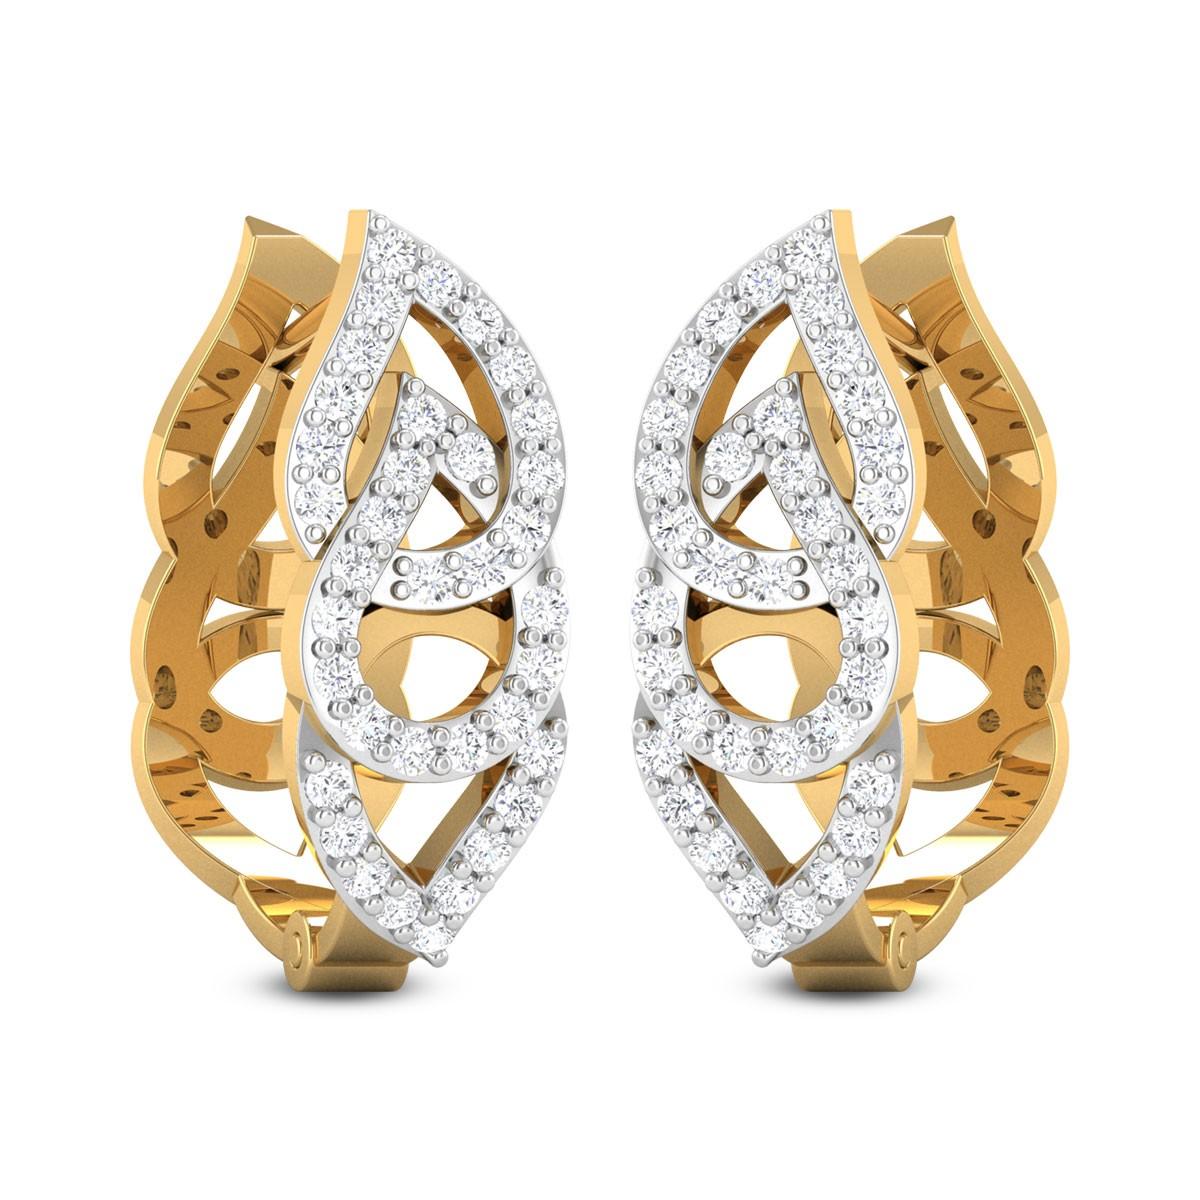 Calloway Diamond Hoop Earrings